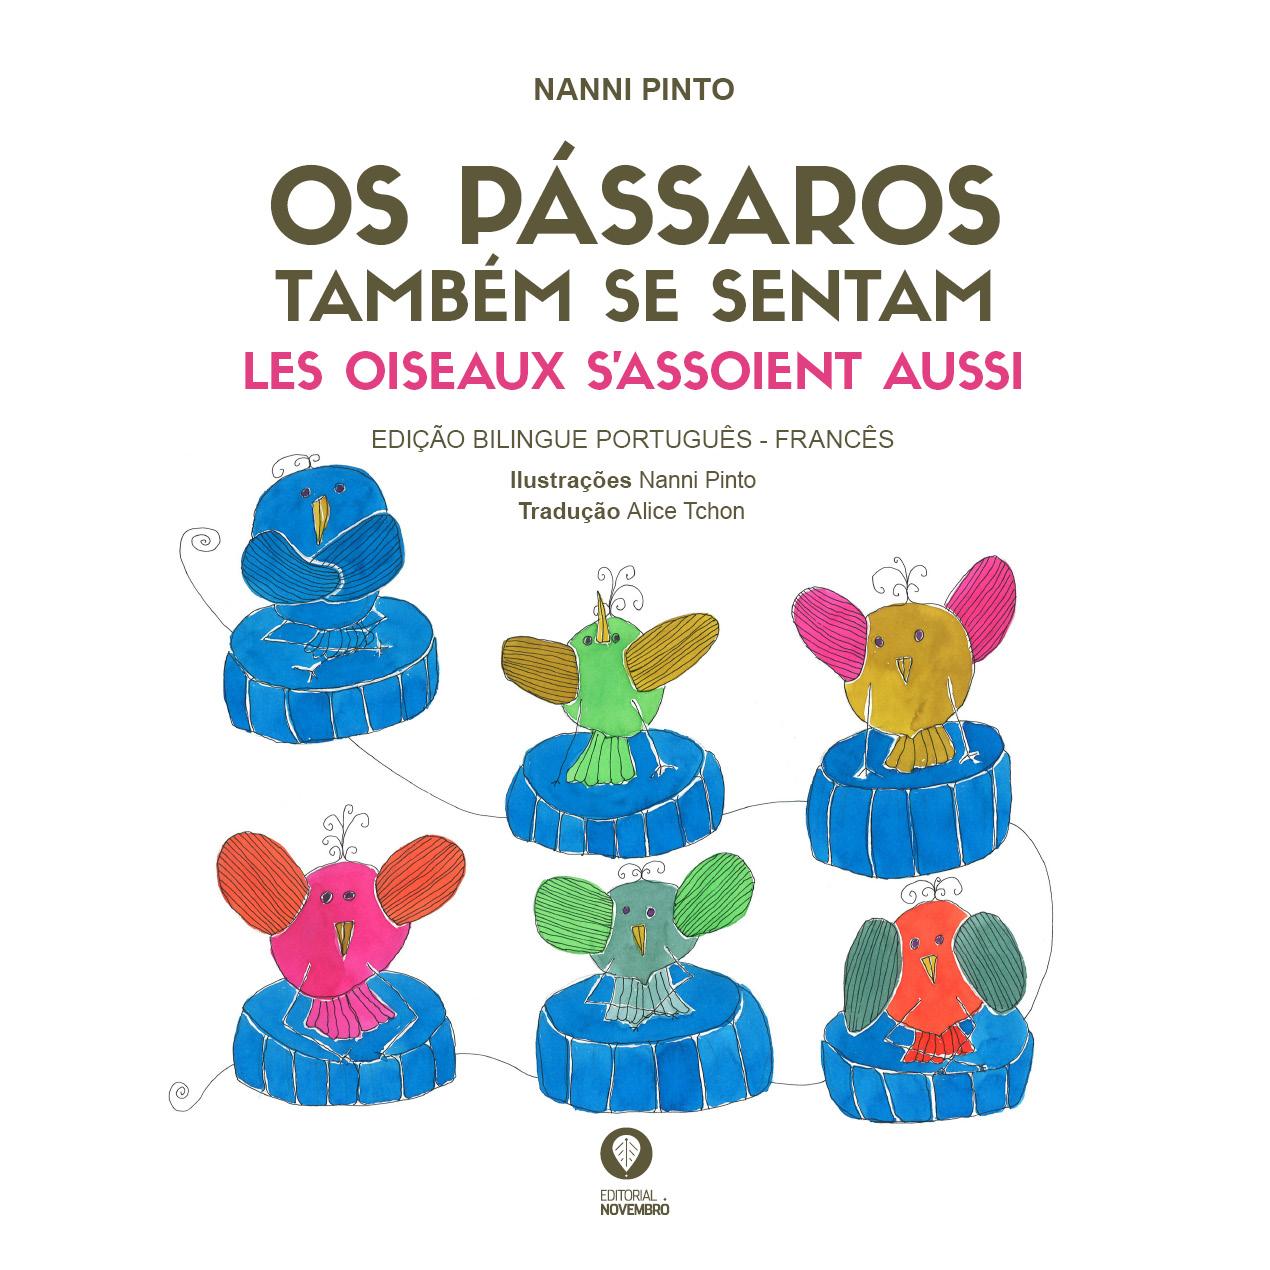 """Lançamento do livro """"Os Pássaros Também Se Sentam"""", de Nanni Pinto, no Estaleiro Cultural Velha-a-branca, Braga, dia 17 de Maio, às 18h30"""